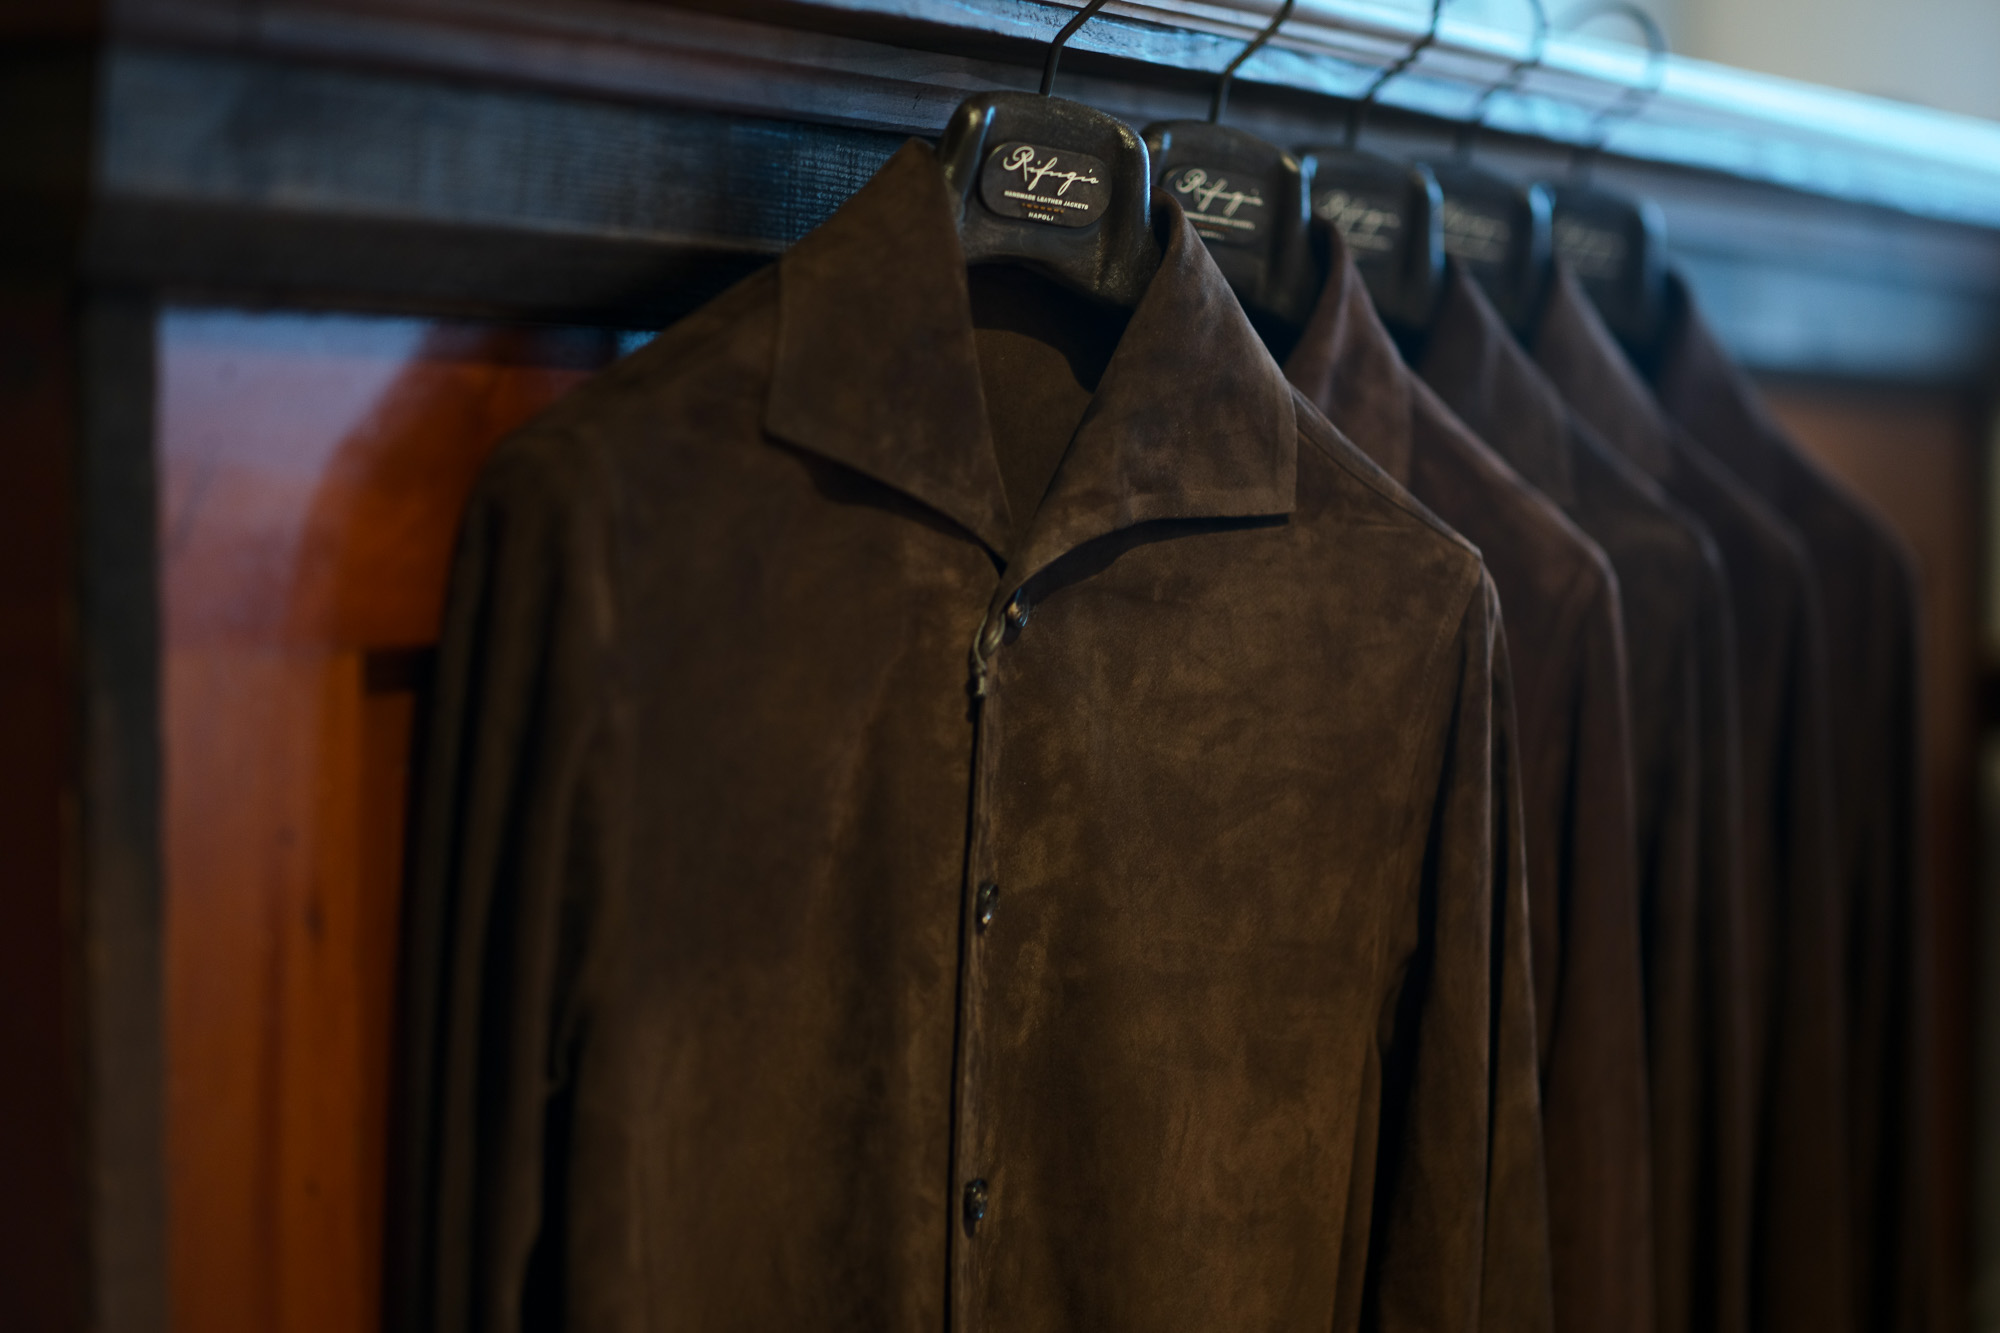 Alfredo Rifujio (アルフレード リフージオ) SS326 CAMOSCIO Summer Suede Leather Shirts サマースウェード レザーシャツ BROWN (ブラウン) made in italy (イタリア製) 2019 春夏新作 【2019春夏第1便入荷しました】【2019春夏フリー分発売開始】alfredorifujio アルフレードリフージオ 愛知 名古屋 Alto e Diritto アルト エ デリット alto e diritto アルトエデリット レザージャケット 素肌にレザー 42,44,46,48,50,52